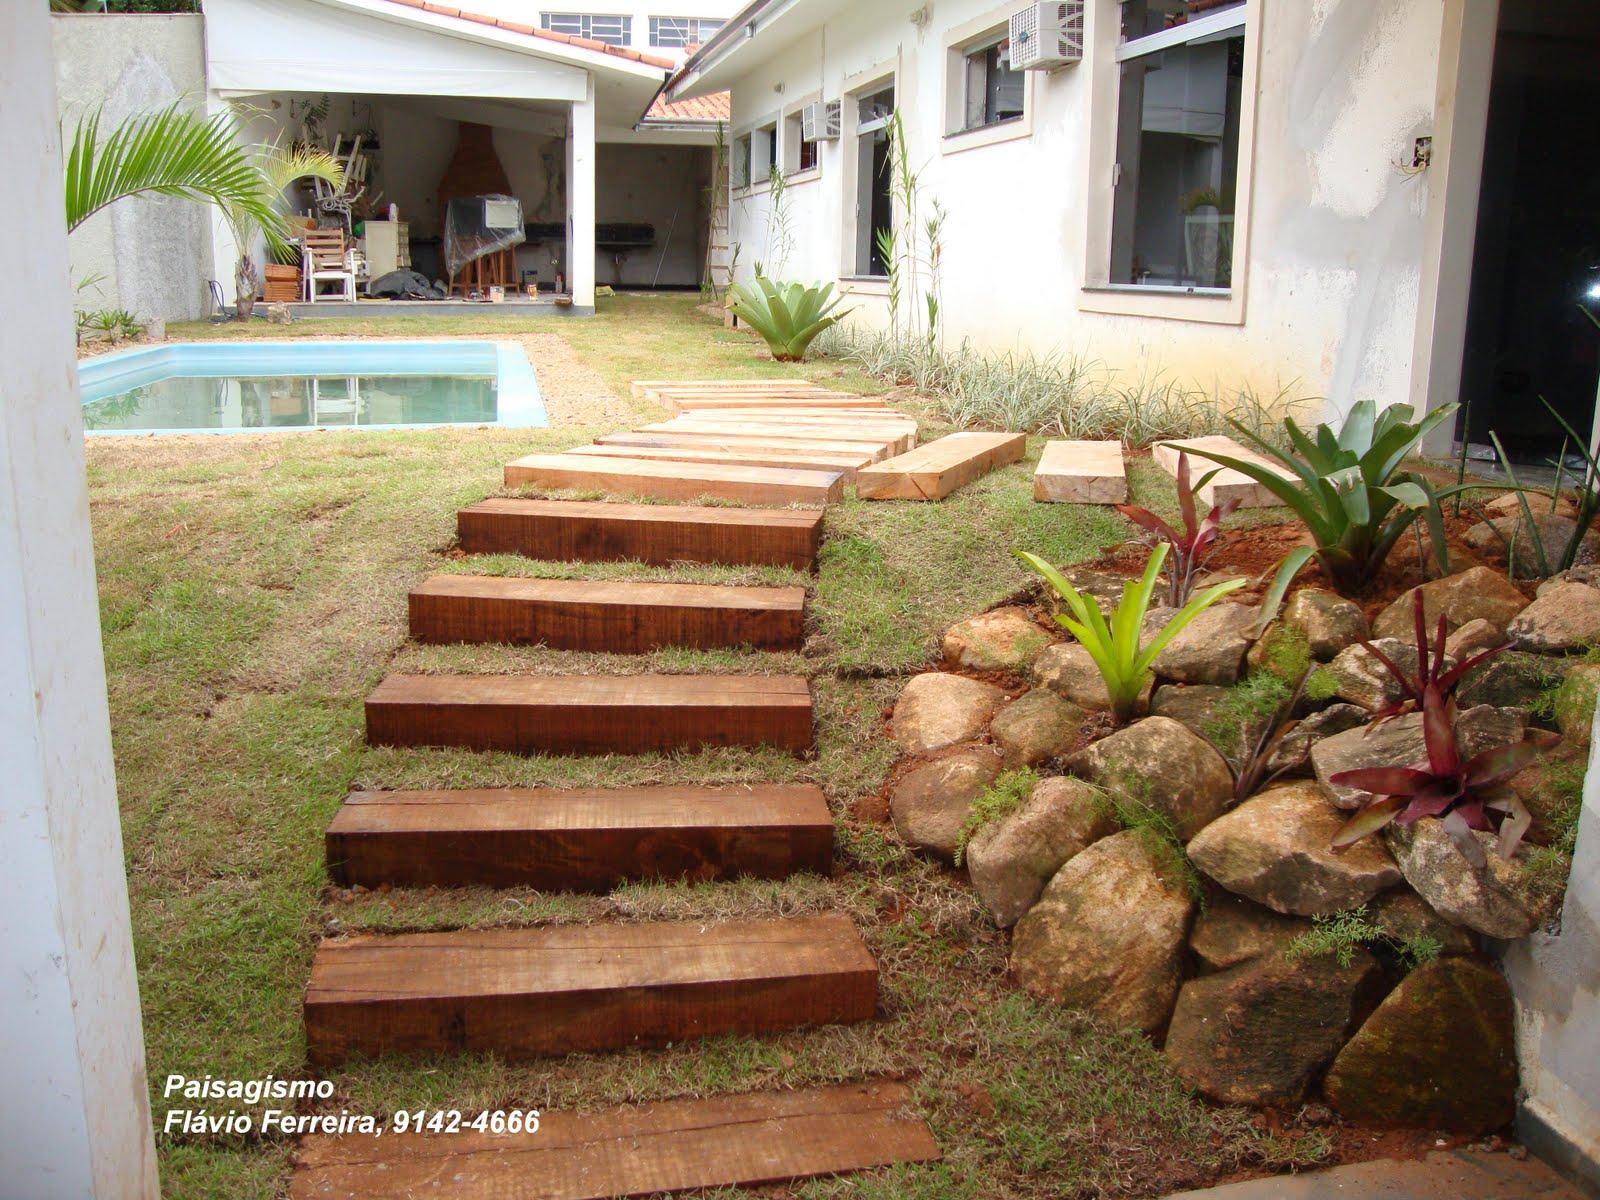 escada para o jardim: Gonçalves: Caminhos, além de sua funcionalidade valorizem o jardim